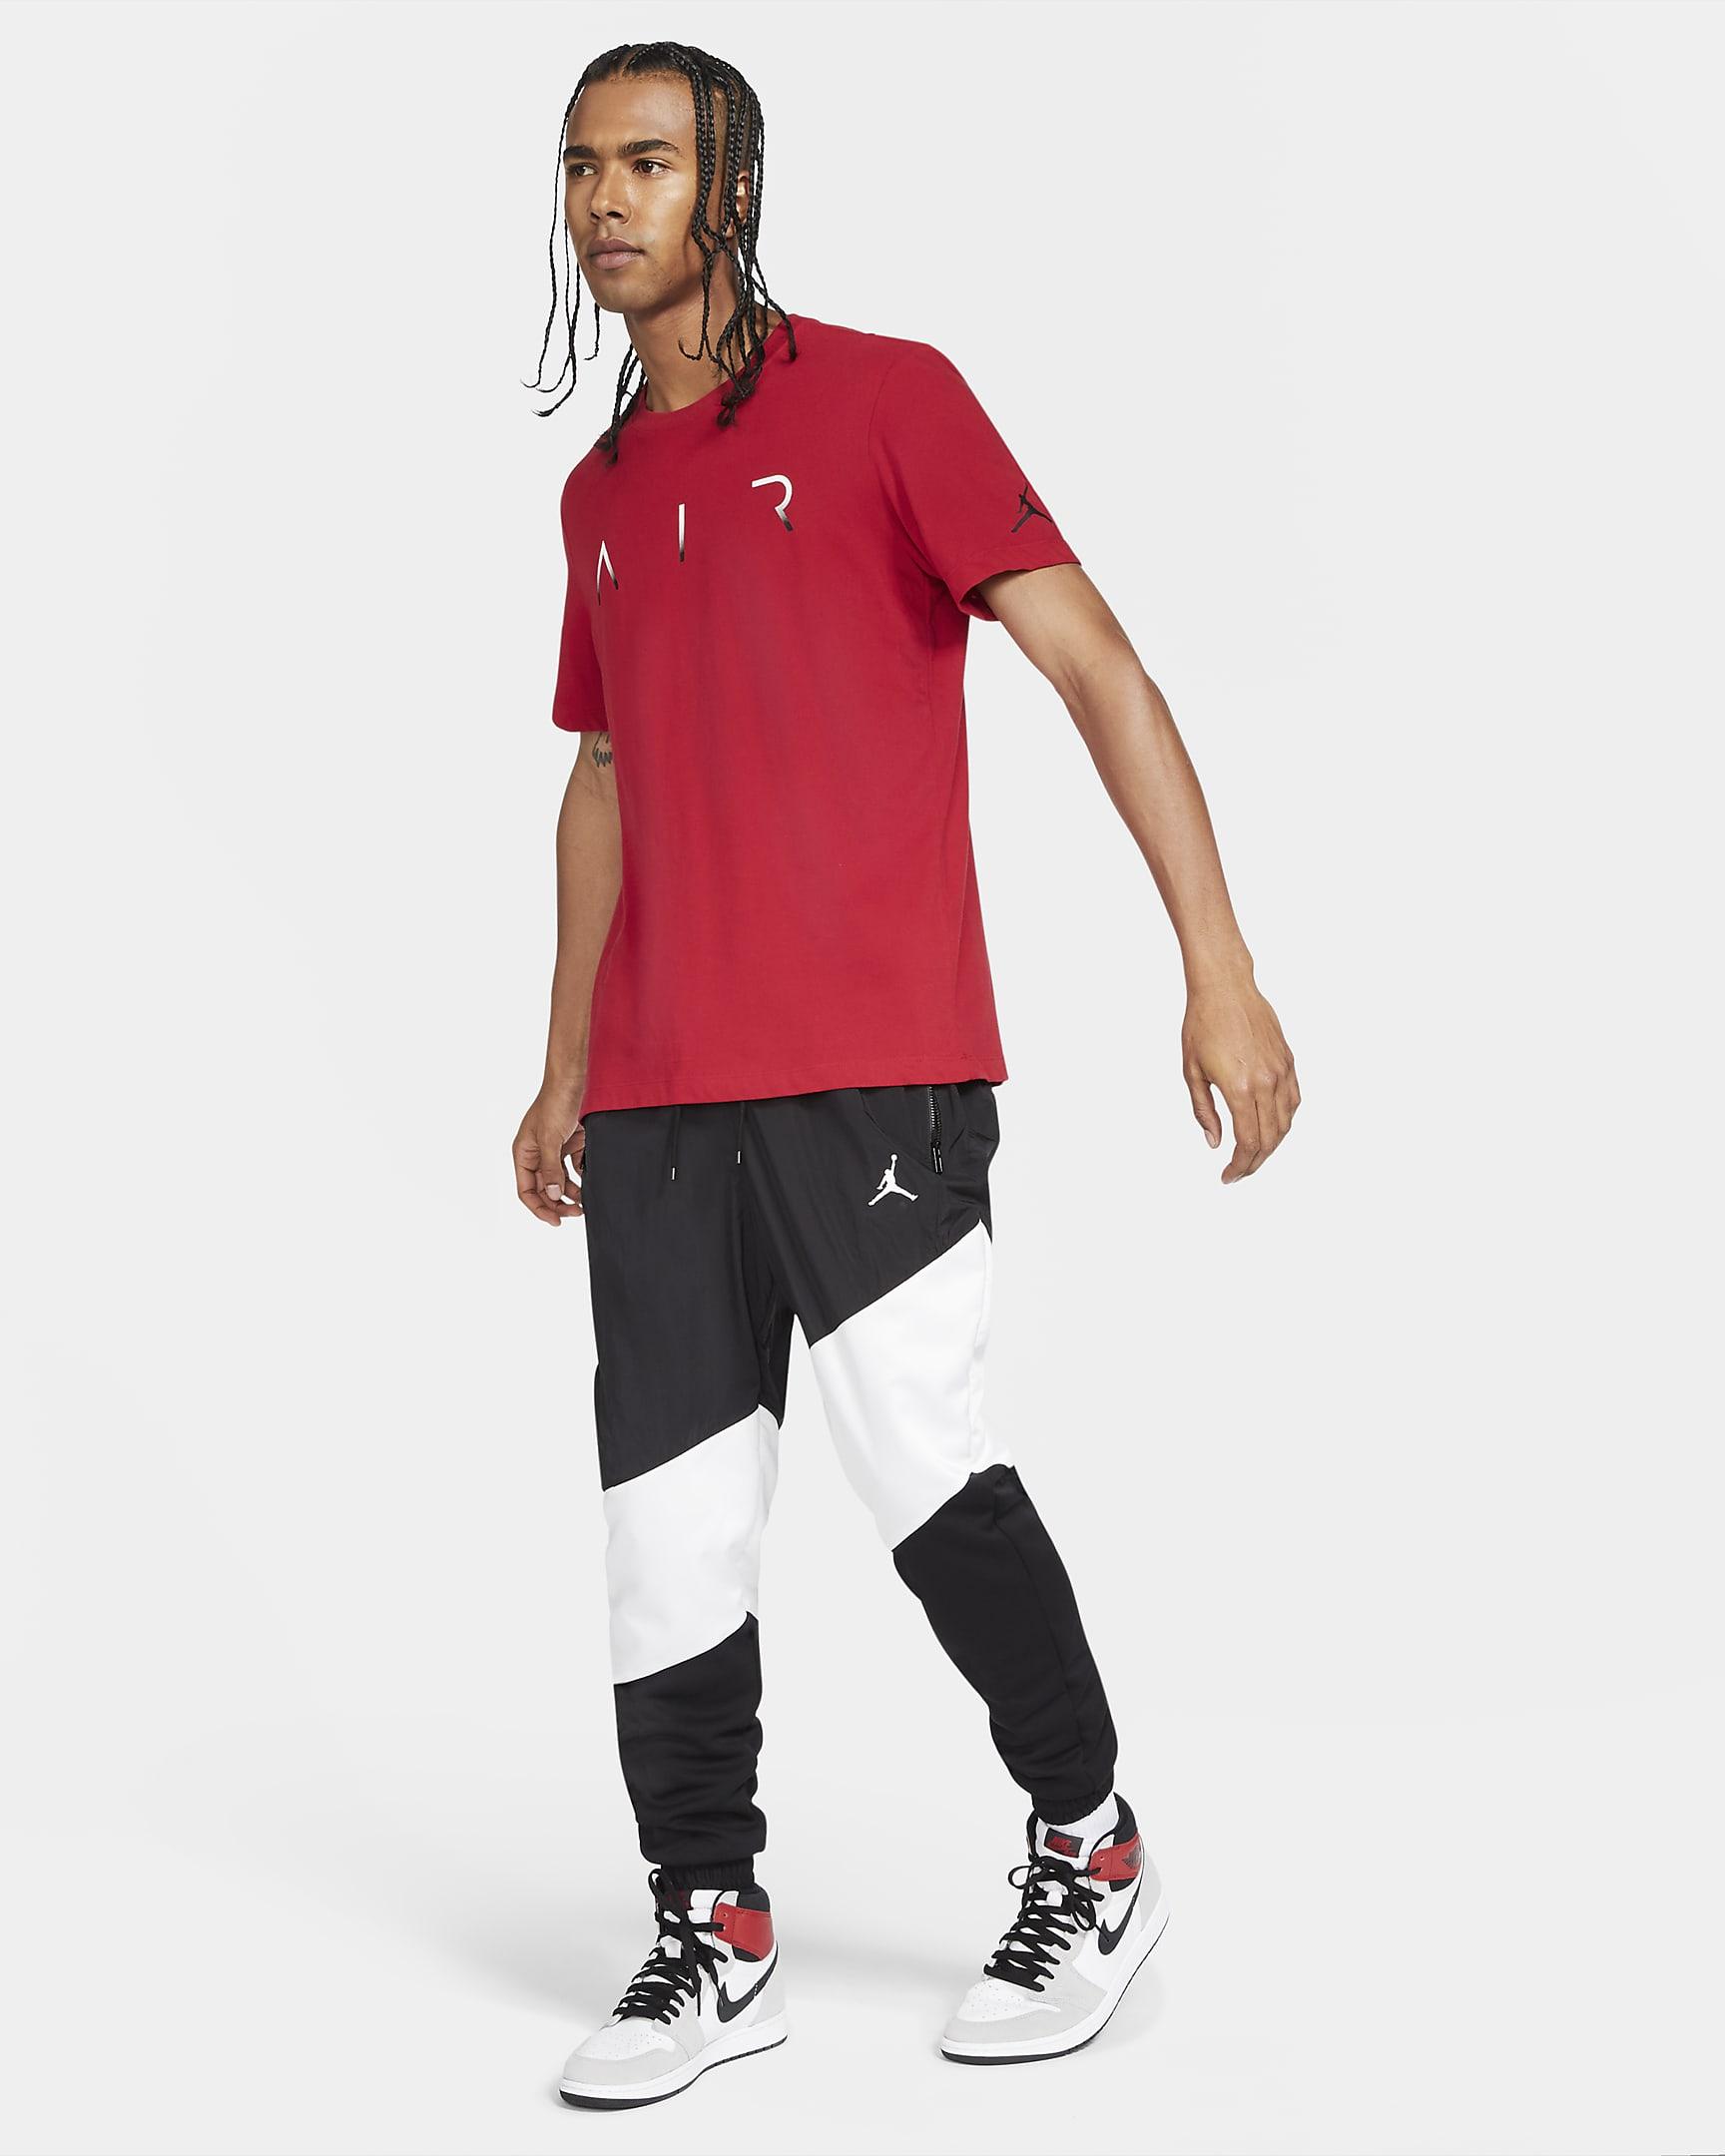 jordan-jumpman-air-mensn-short-sleeve-t-shirt-dG7grb-7